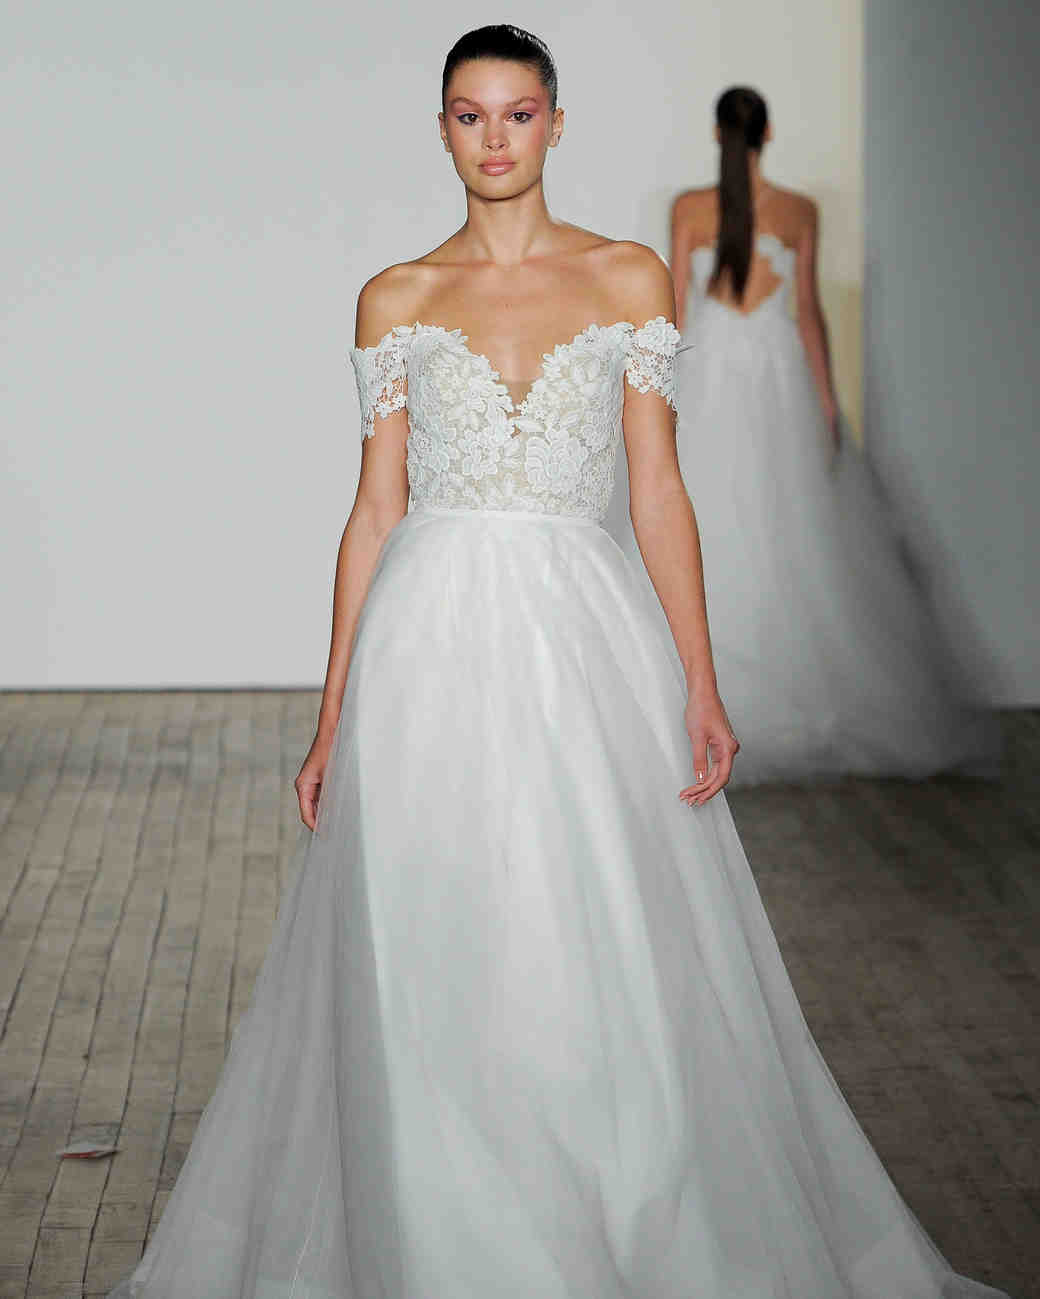 7f3b9b3f12d0 Blush by Hayley Paige Fall 2019 Wedding Dress Collection | Martha Stewart  Weddings